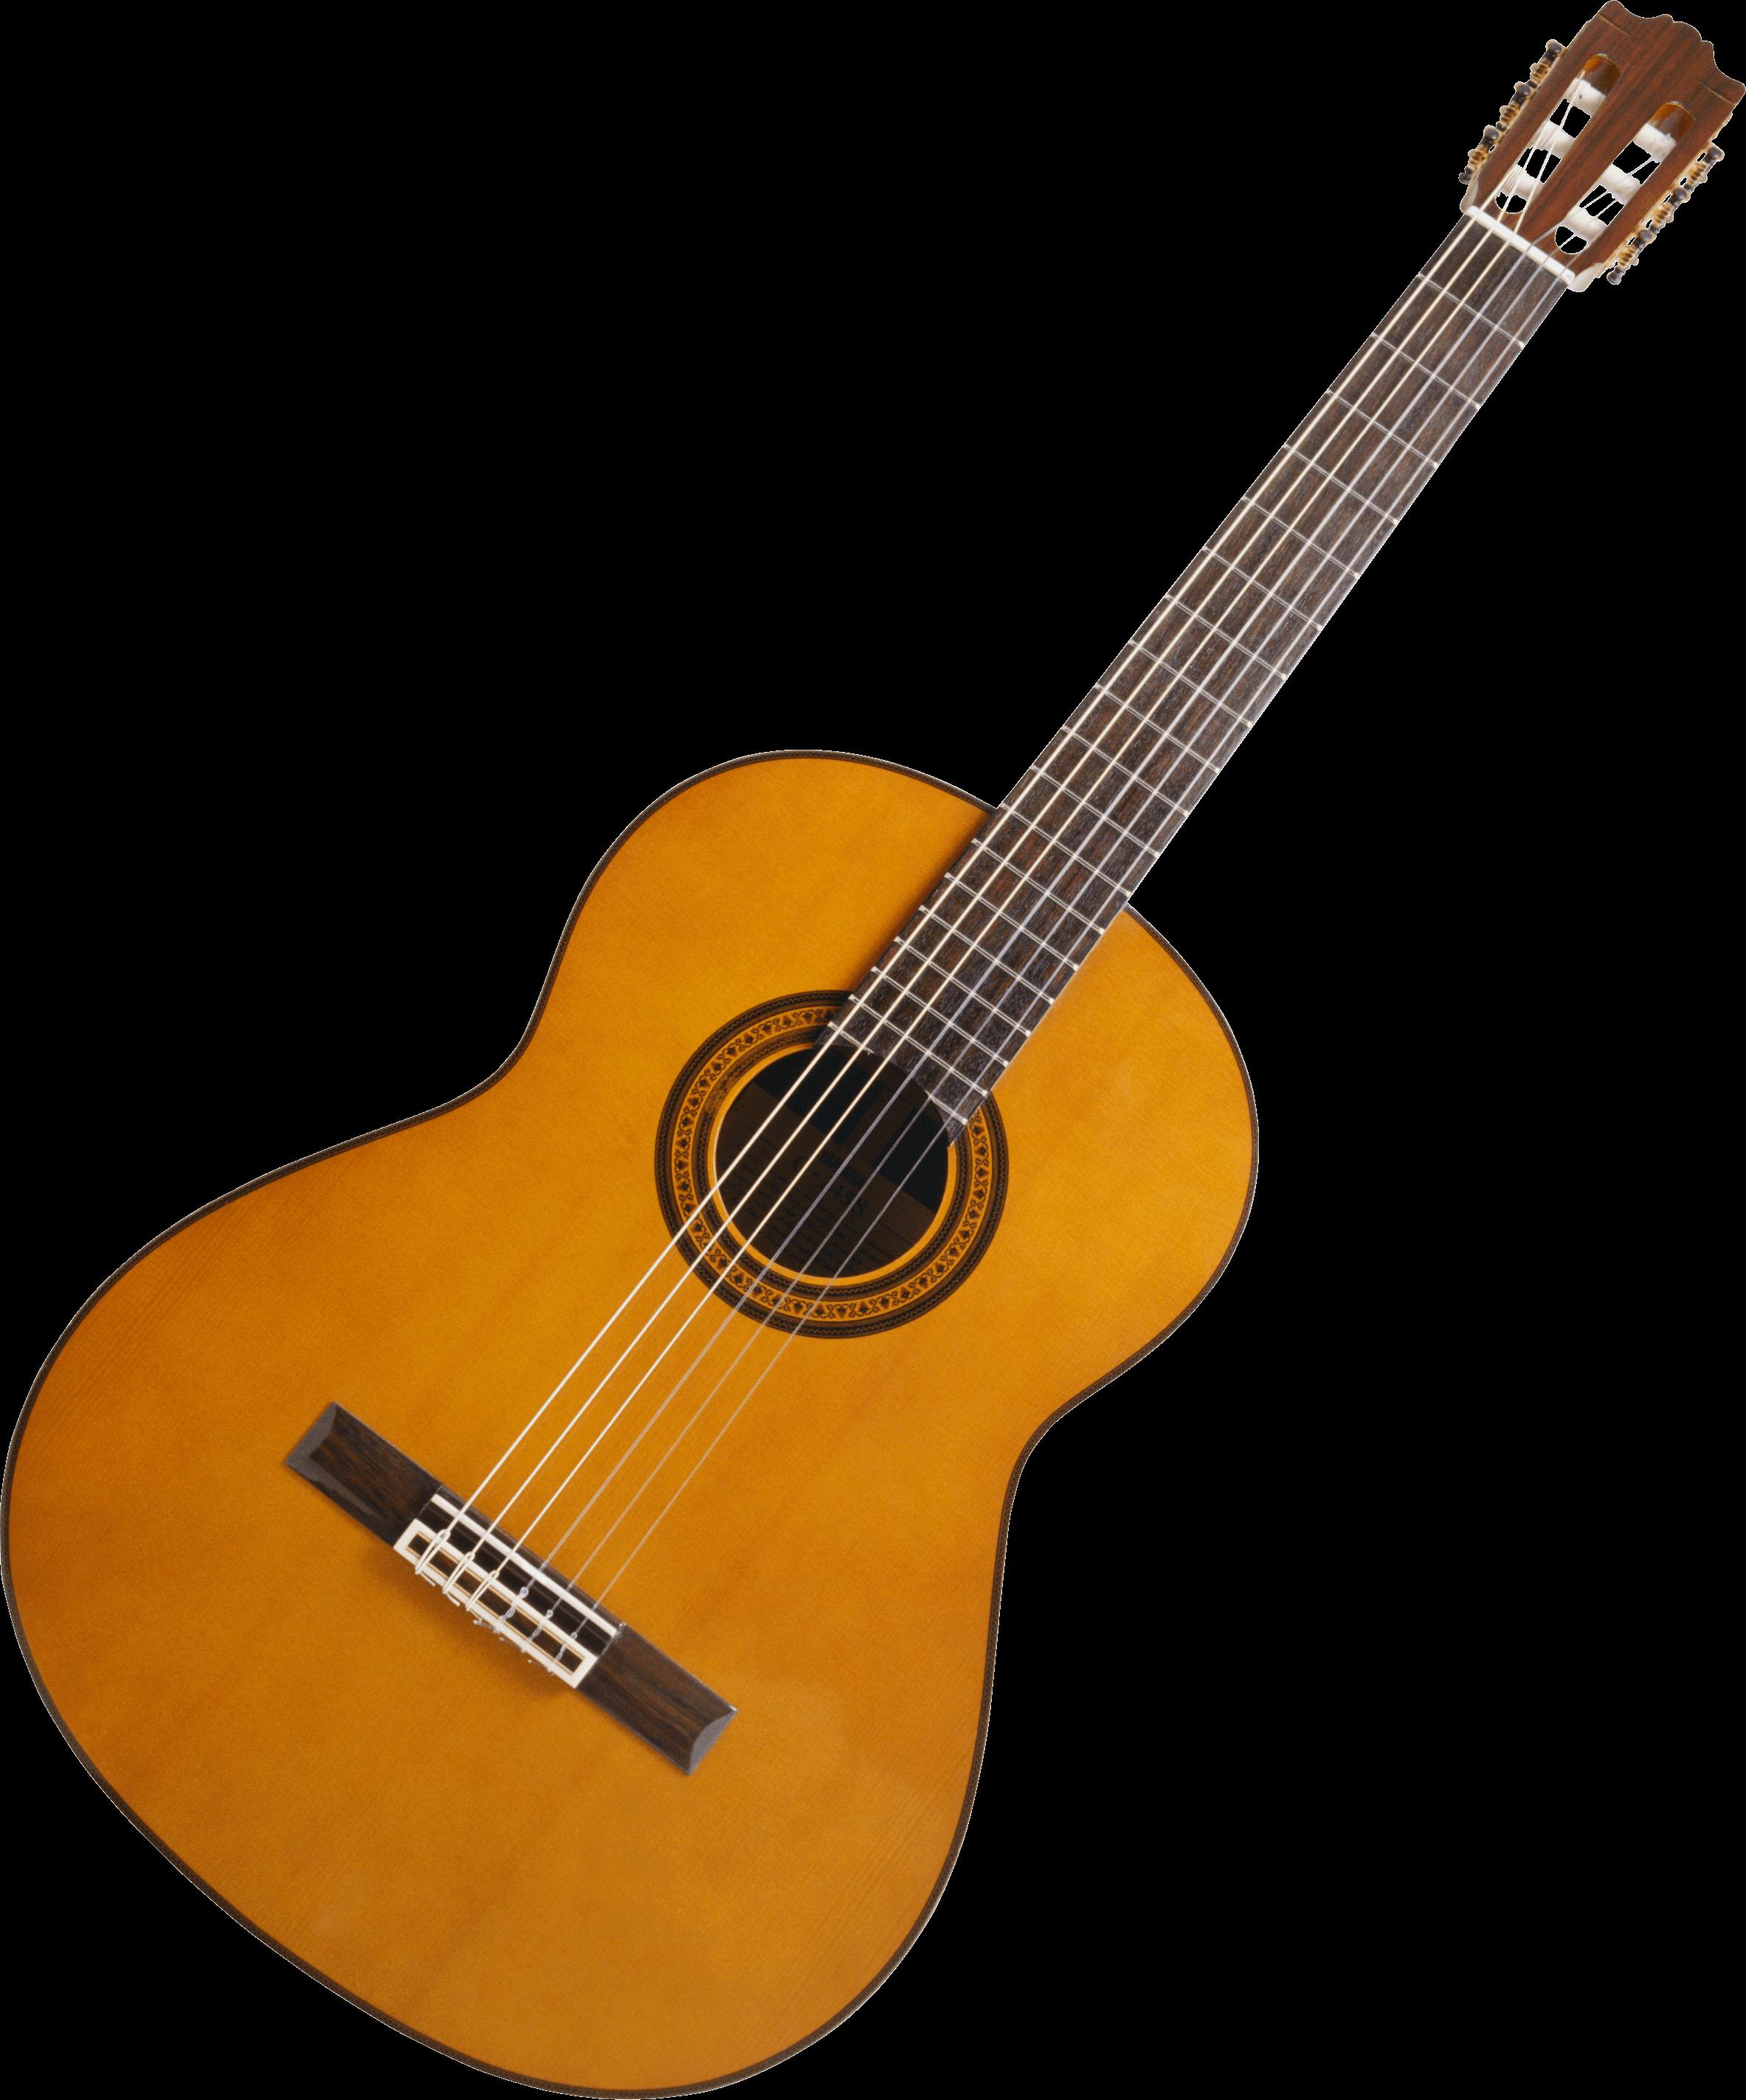 Yamaha Acoustic Guitar Serial